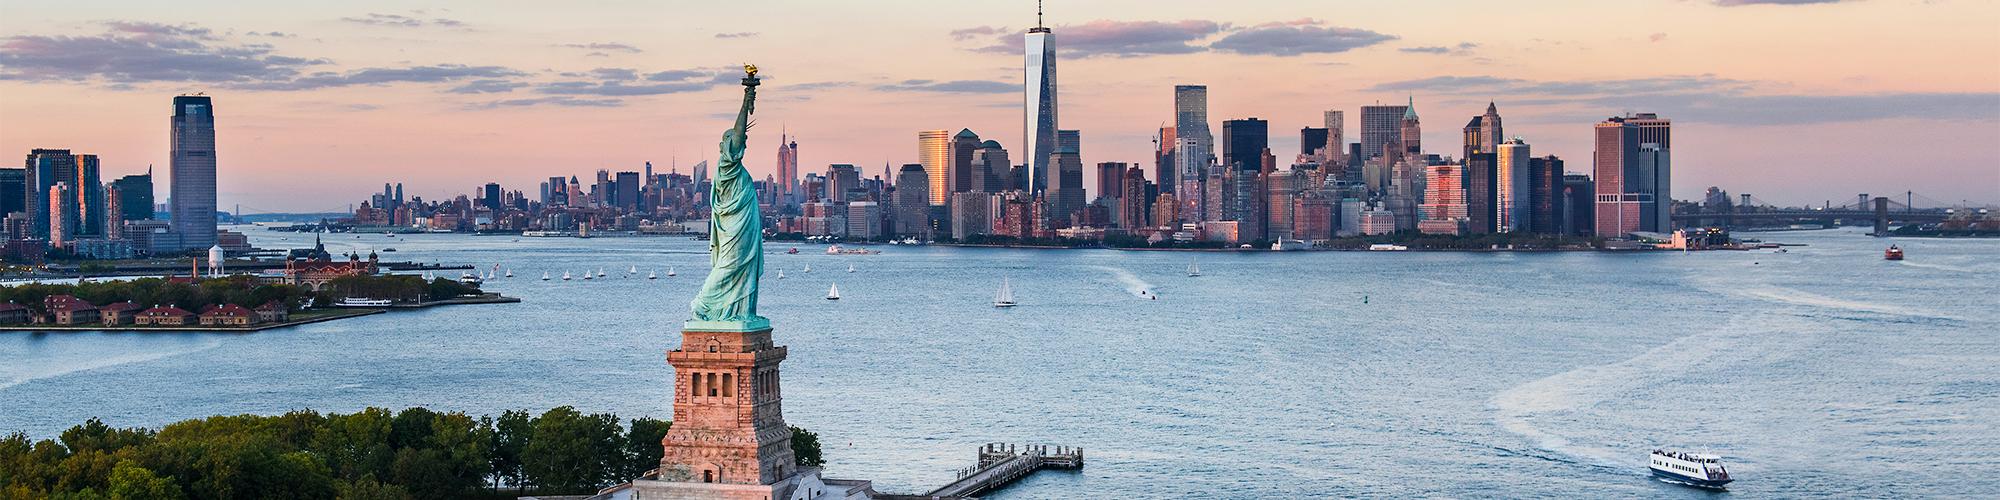 Resultado de imagen para times square new york